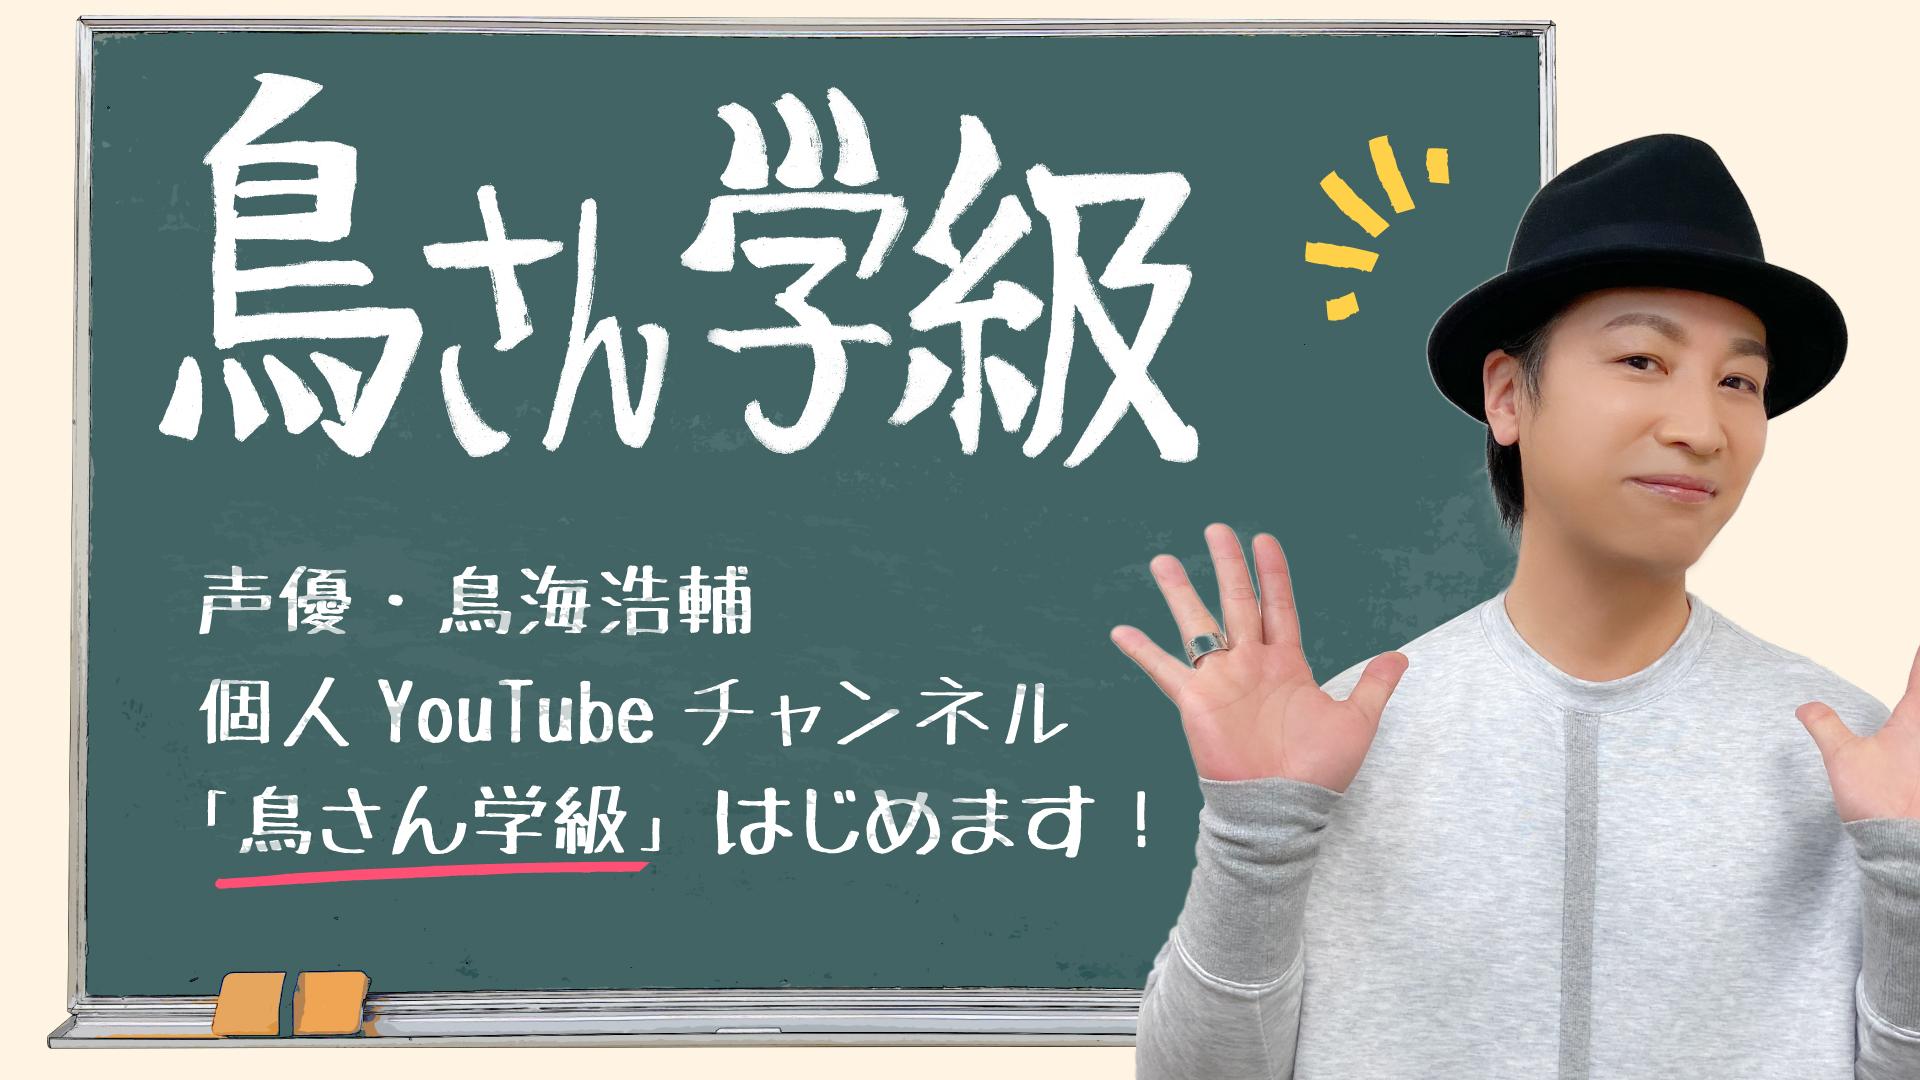 鳥海浩輔さんがYouTubeチャンネル「鳥さん学級」開設!学級活動を通してマイペースに楽しむ様子をお届け